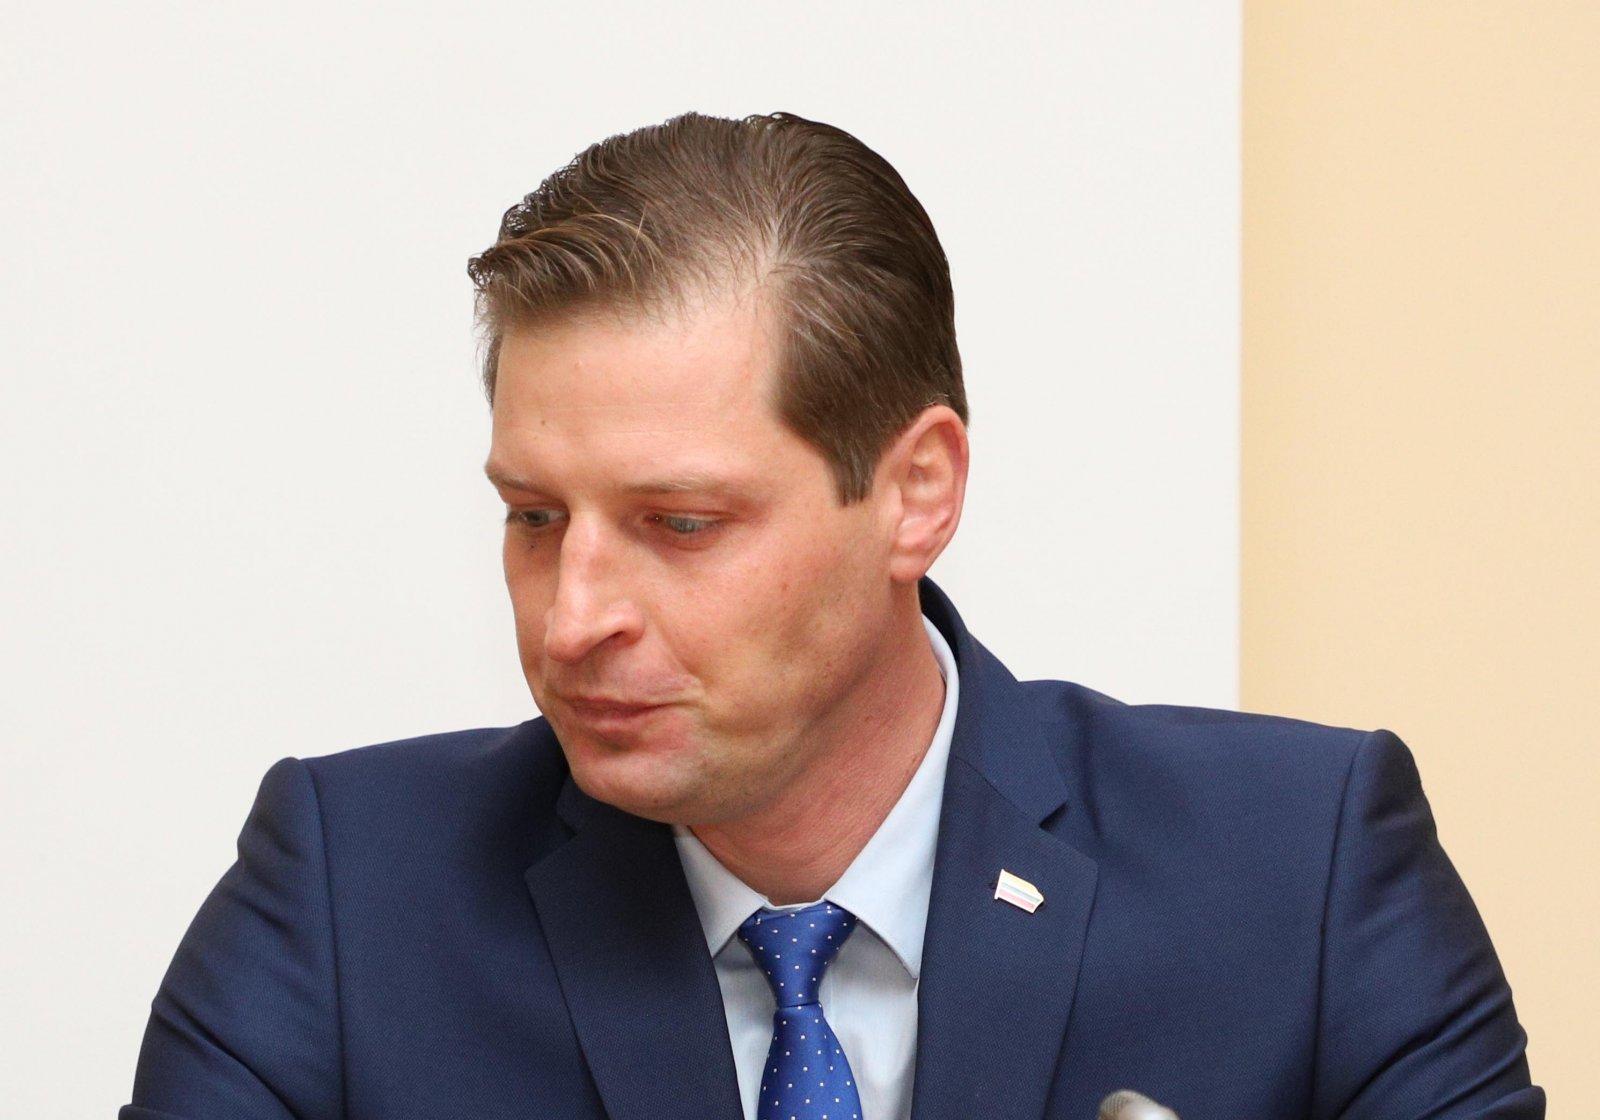 Aplinkos ministras Kęstutis Mažeika | Eltos nuotr.